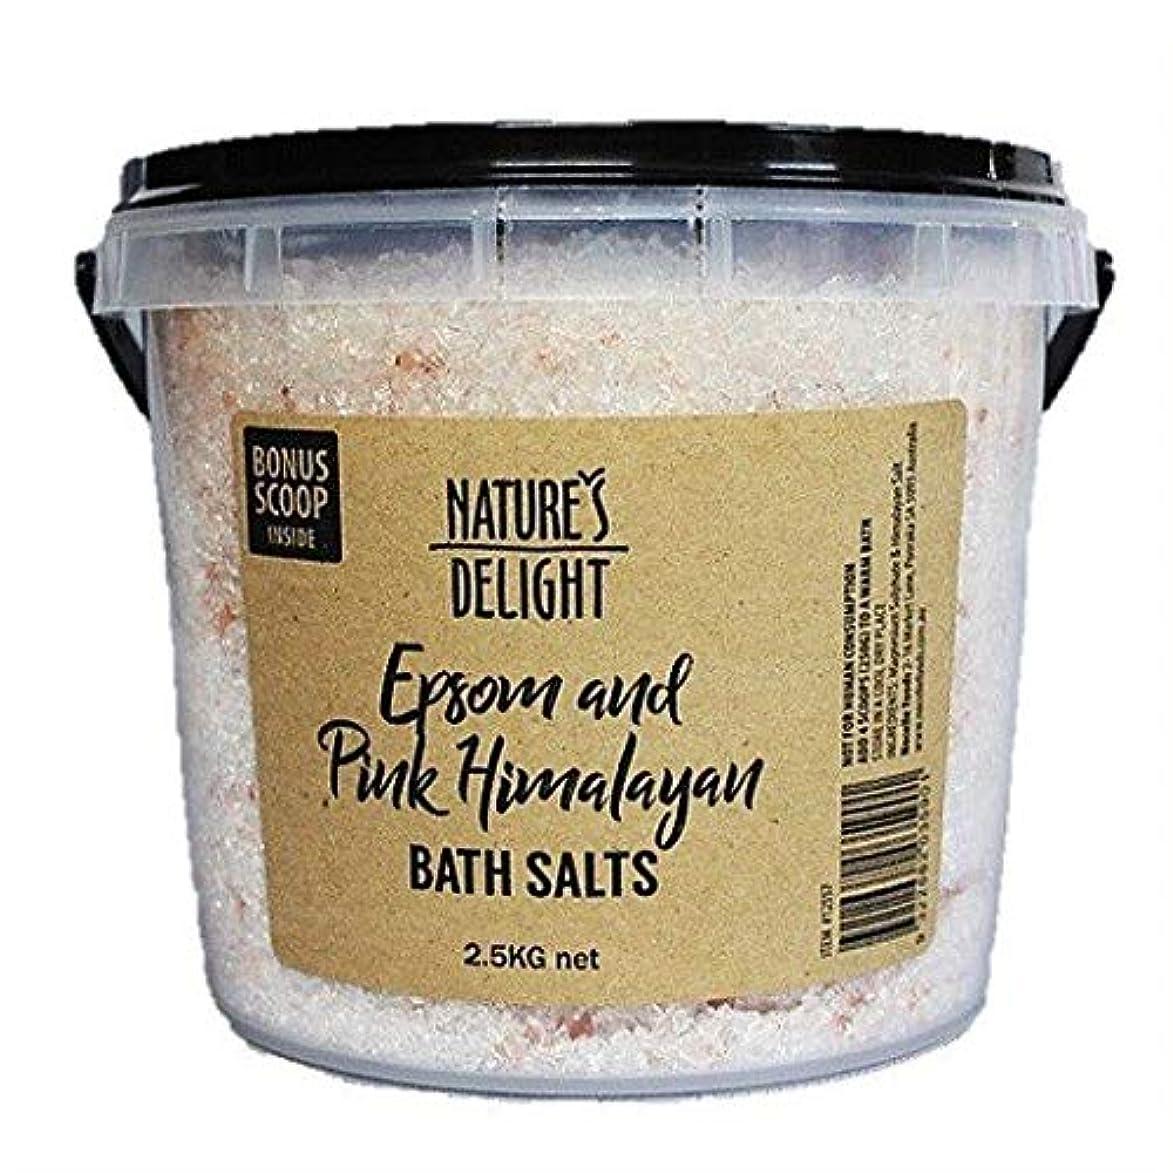 哀とても多くの事業内容ヒマラヤ岩塩 エプソムソルト&ピンクヒマラヤ バスソルト 2.5kg 専用計量スプーン付